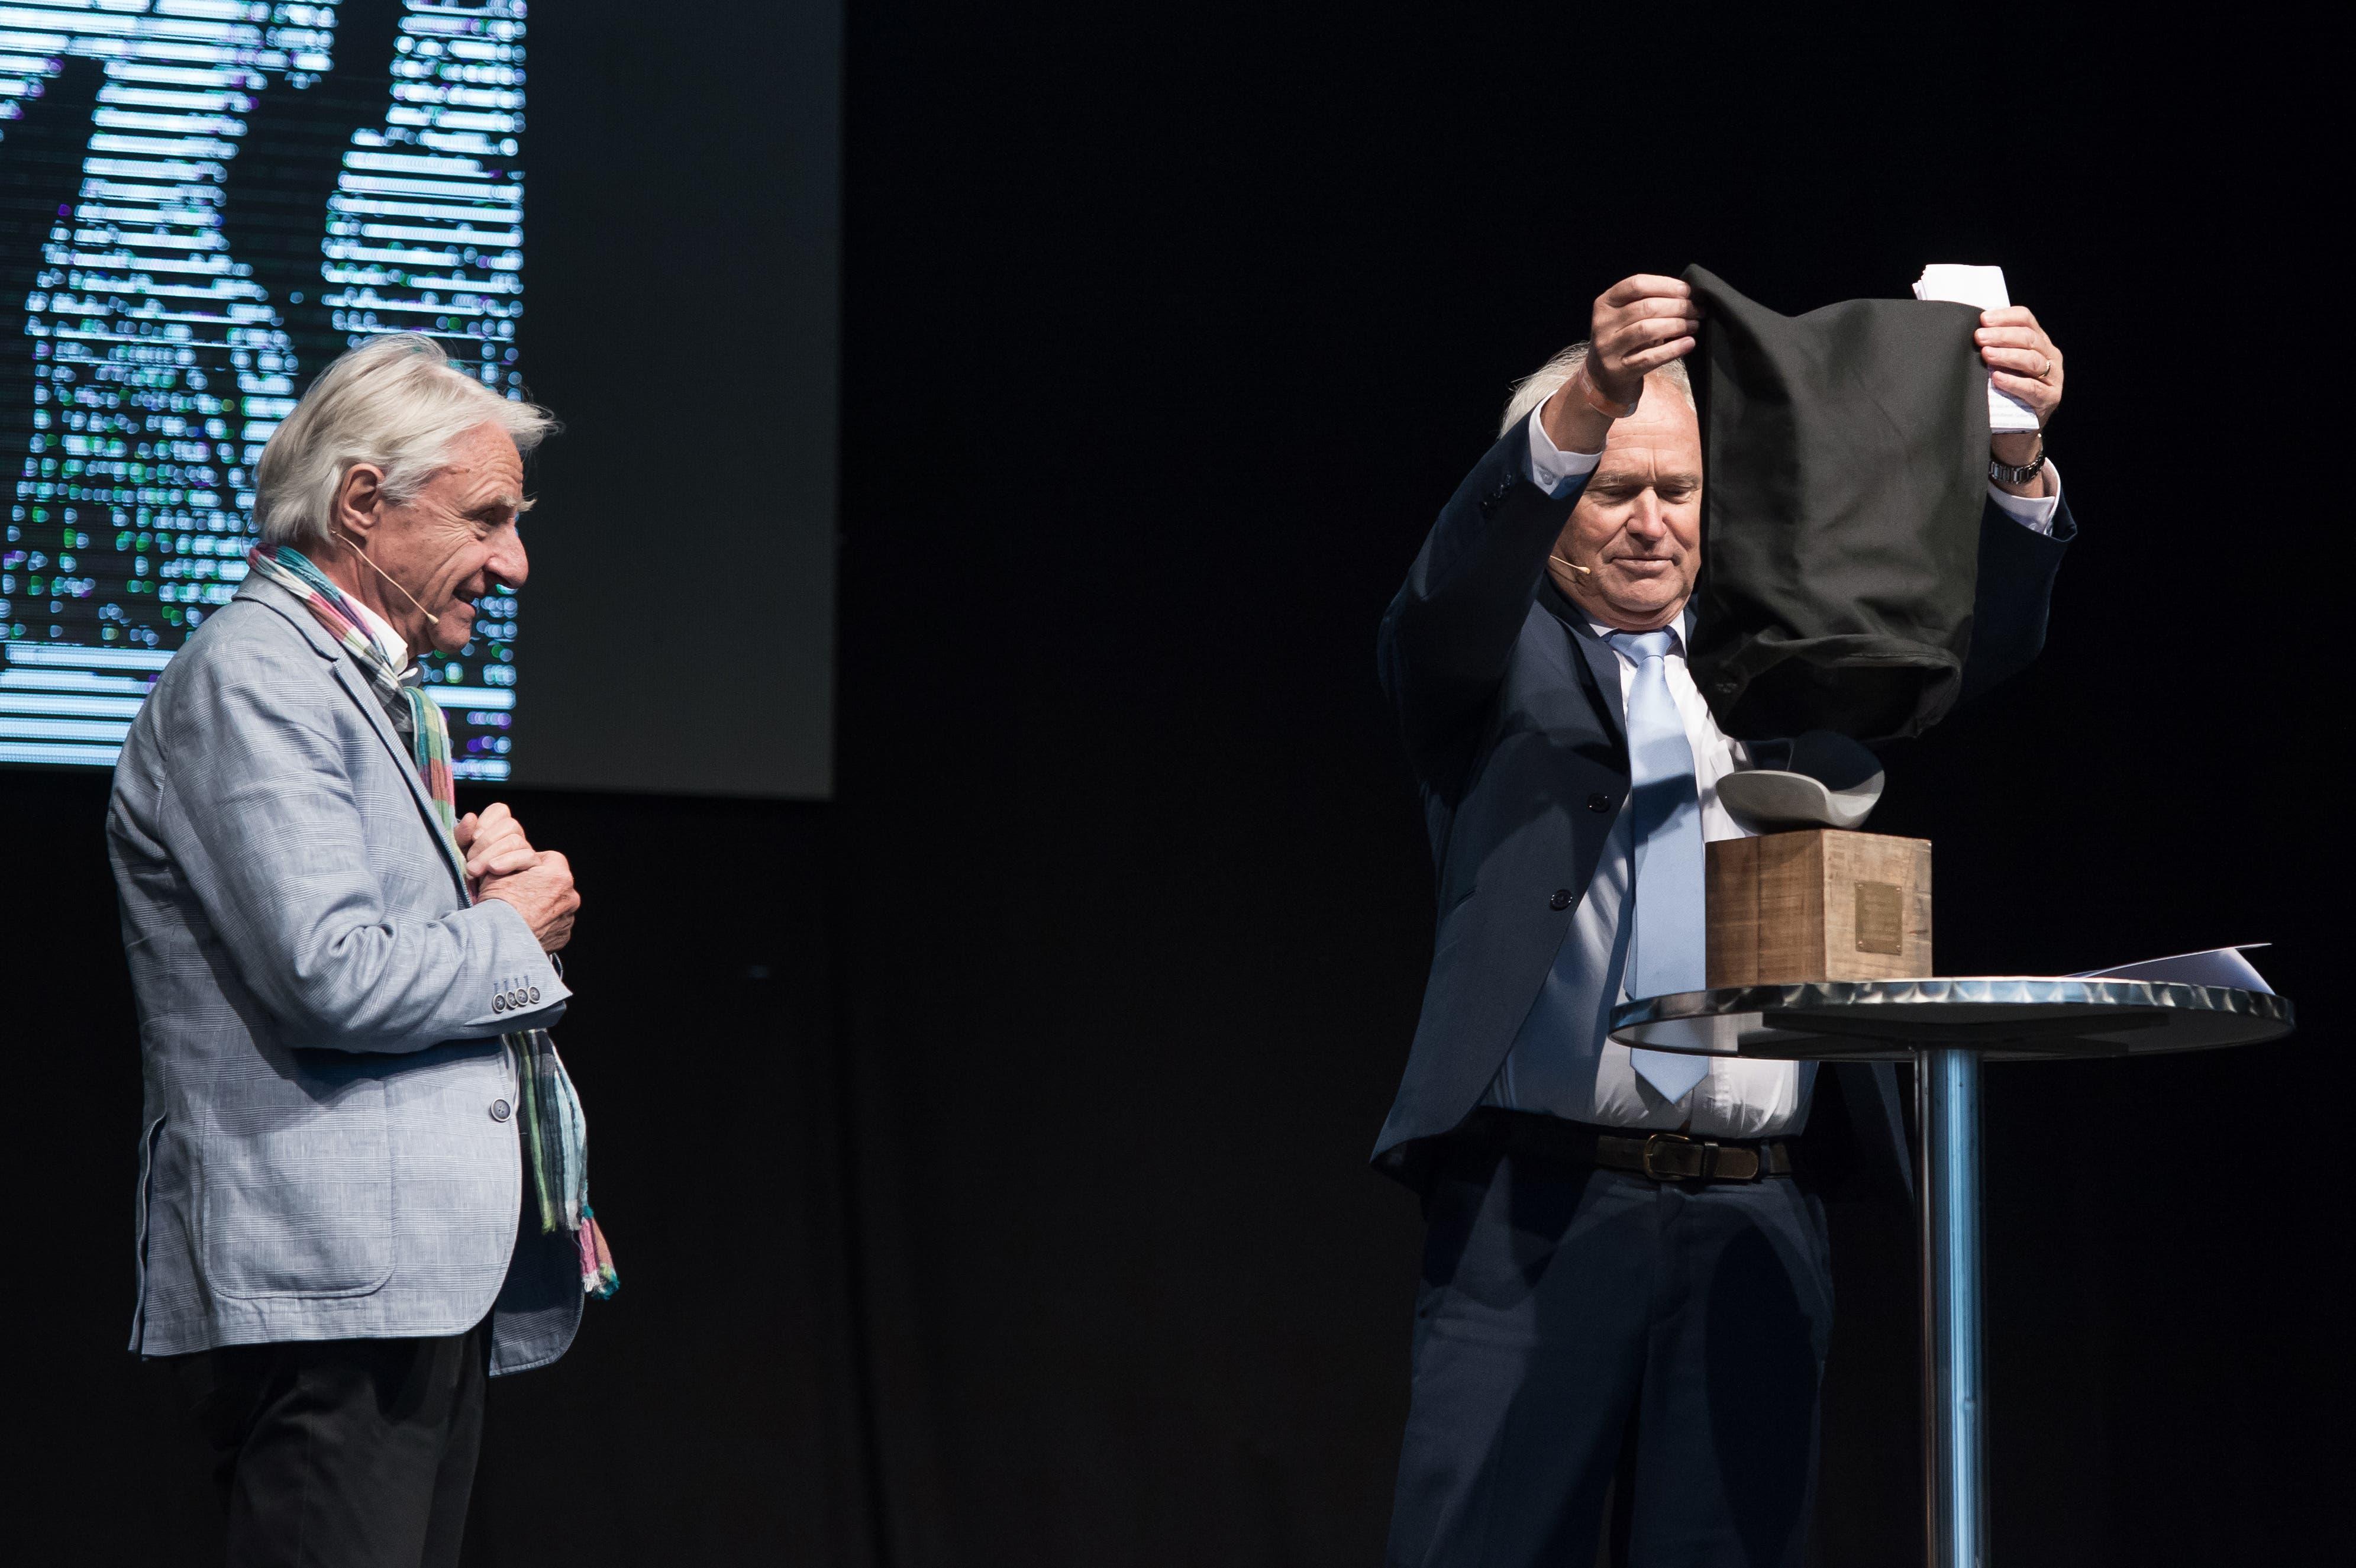 Emil Steinberger wird auf der Eventbühne an der Zentralschweizer Frühlingsmesse Luga der Anerkennungspreis des Kantons Luzern verliehen. Regierungsrat Paul Winiker enthüllt das Kunstobjekt, das Teil des Anerkennungspreises ist. (Bild: Pius Amrein, Luzern, 29. April 2019)